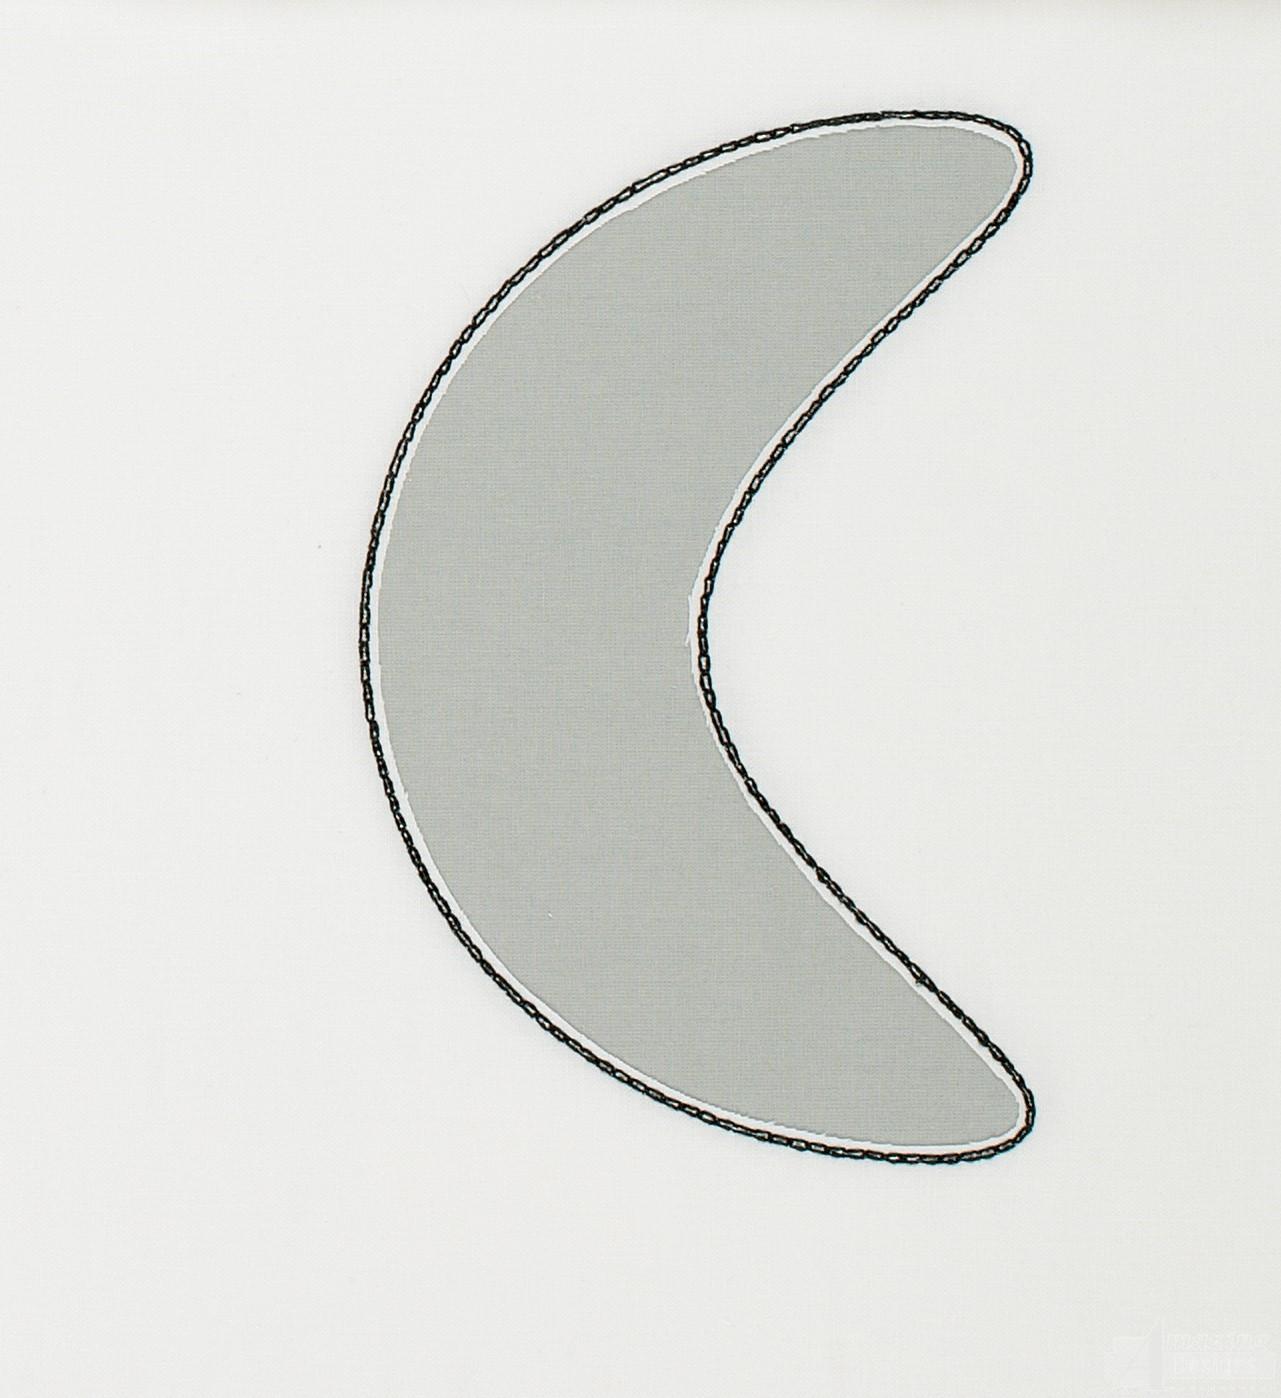 Boomerang reverse applique embroidery design